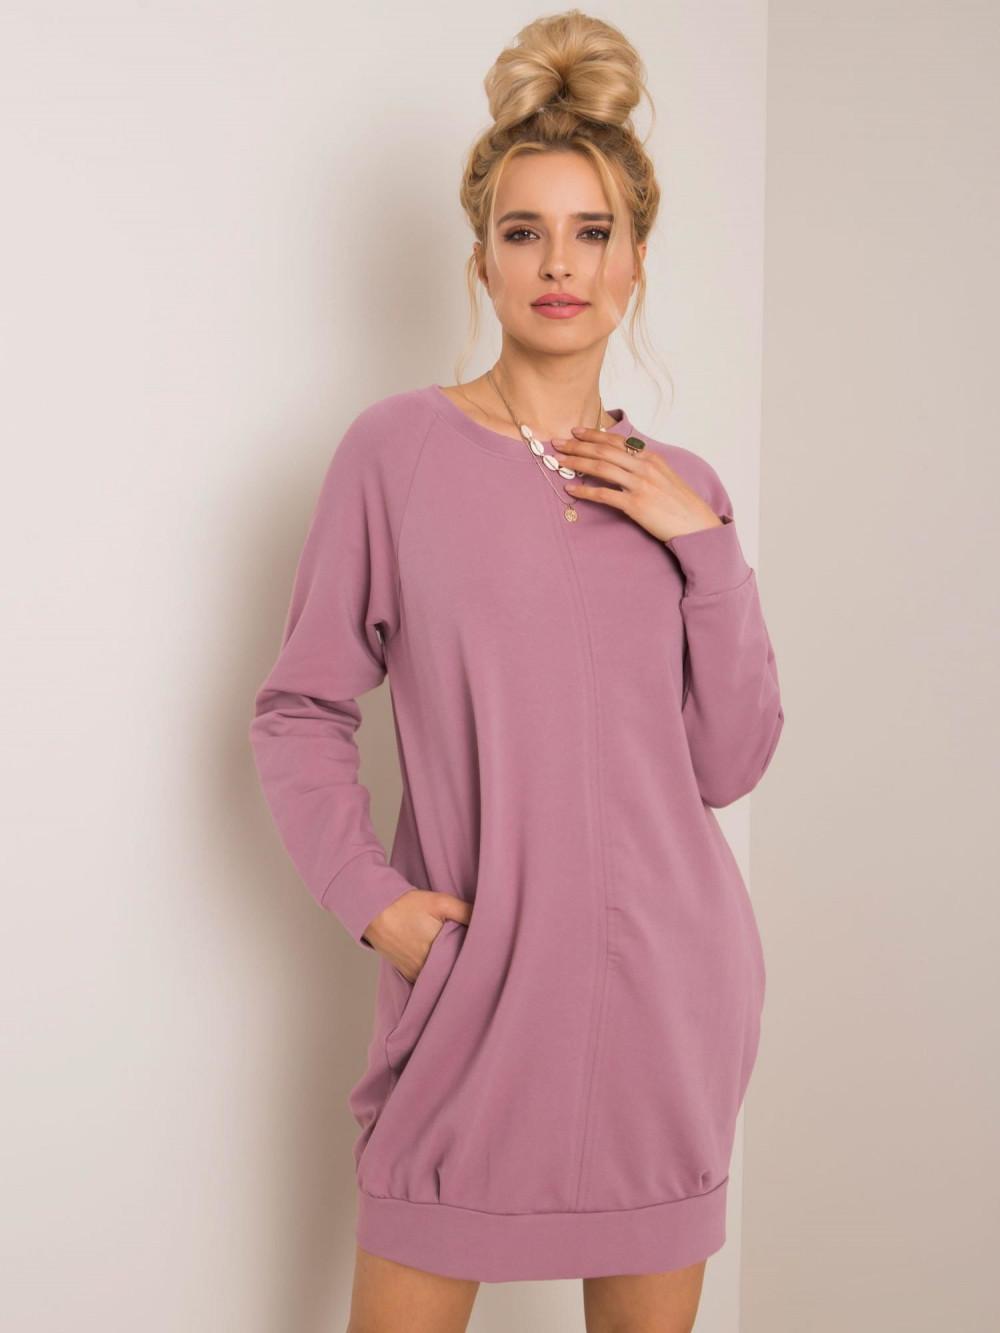 Brudnoróżowa sukienka bluza z kieszeniami Glove 1